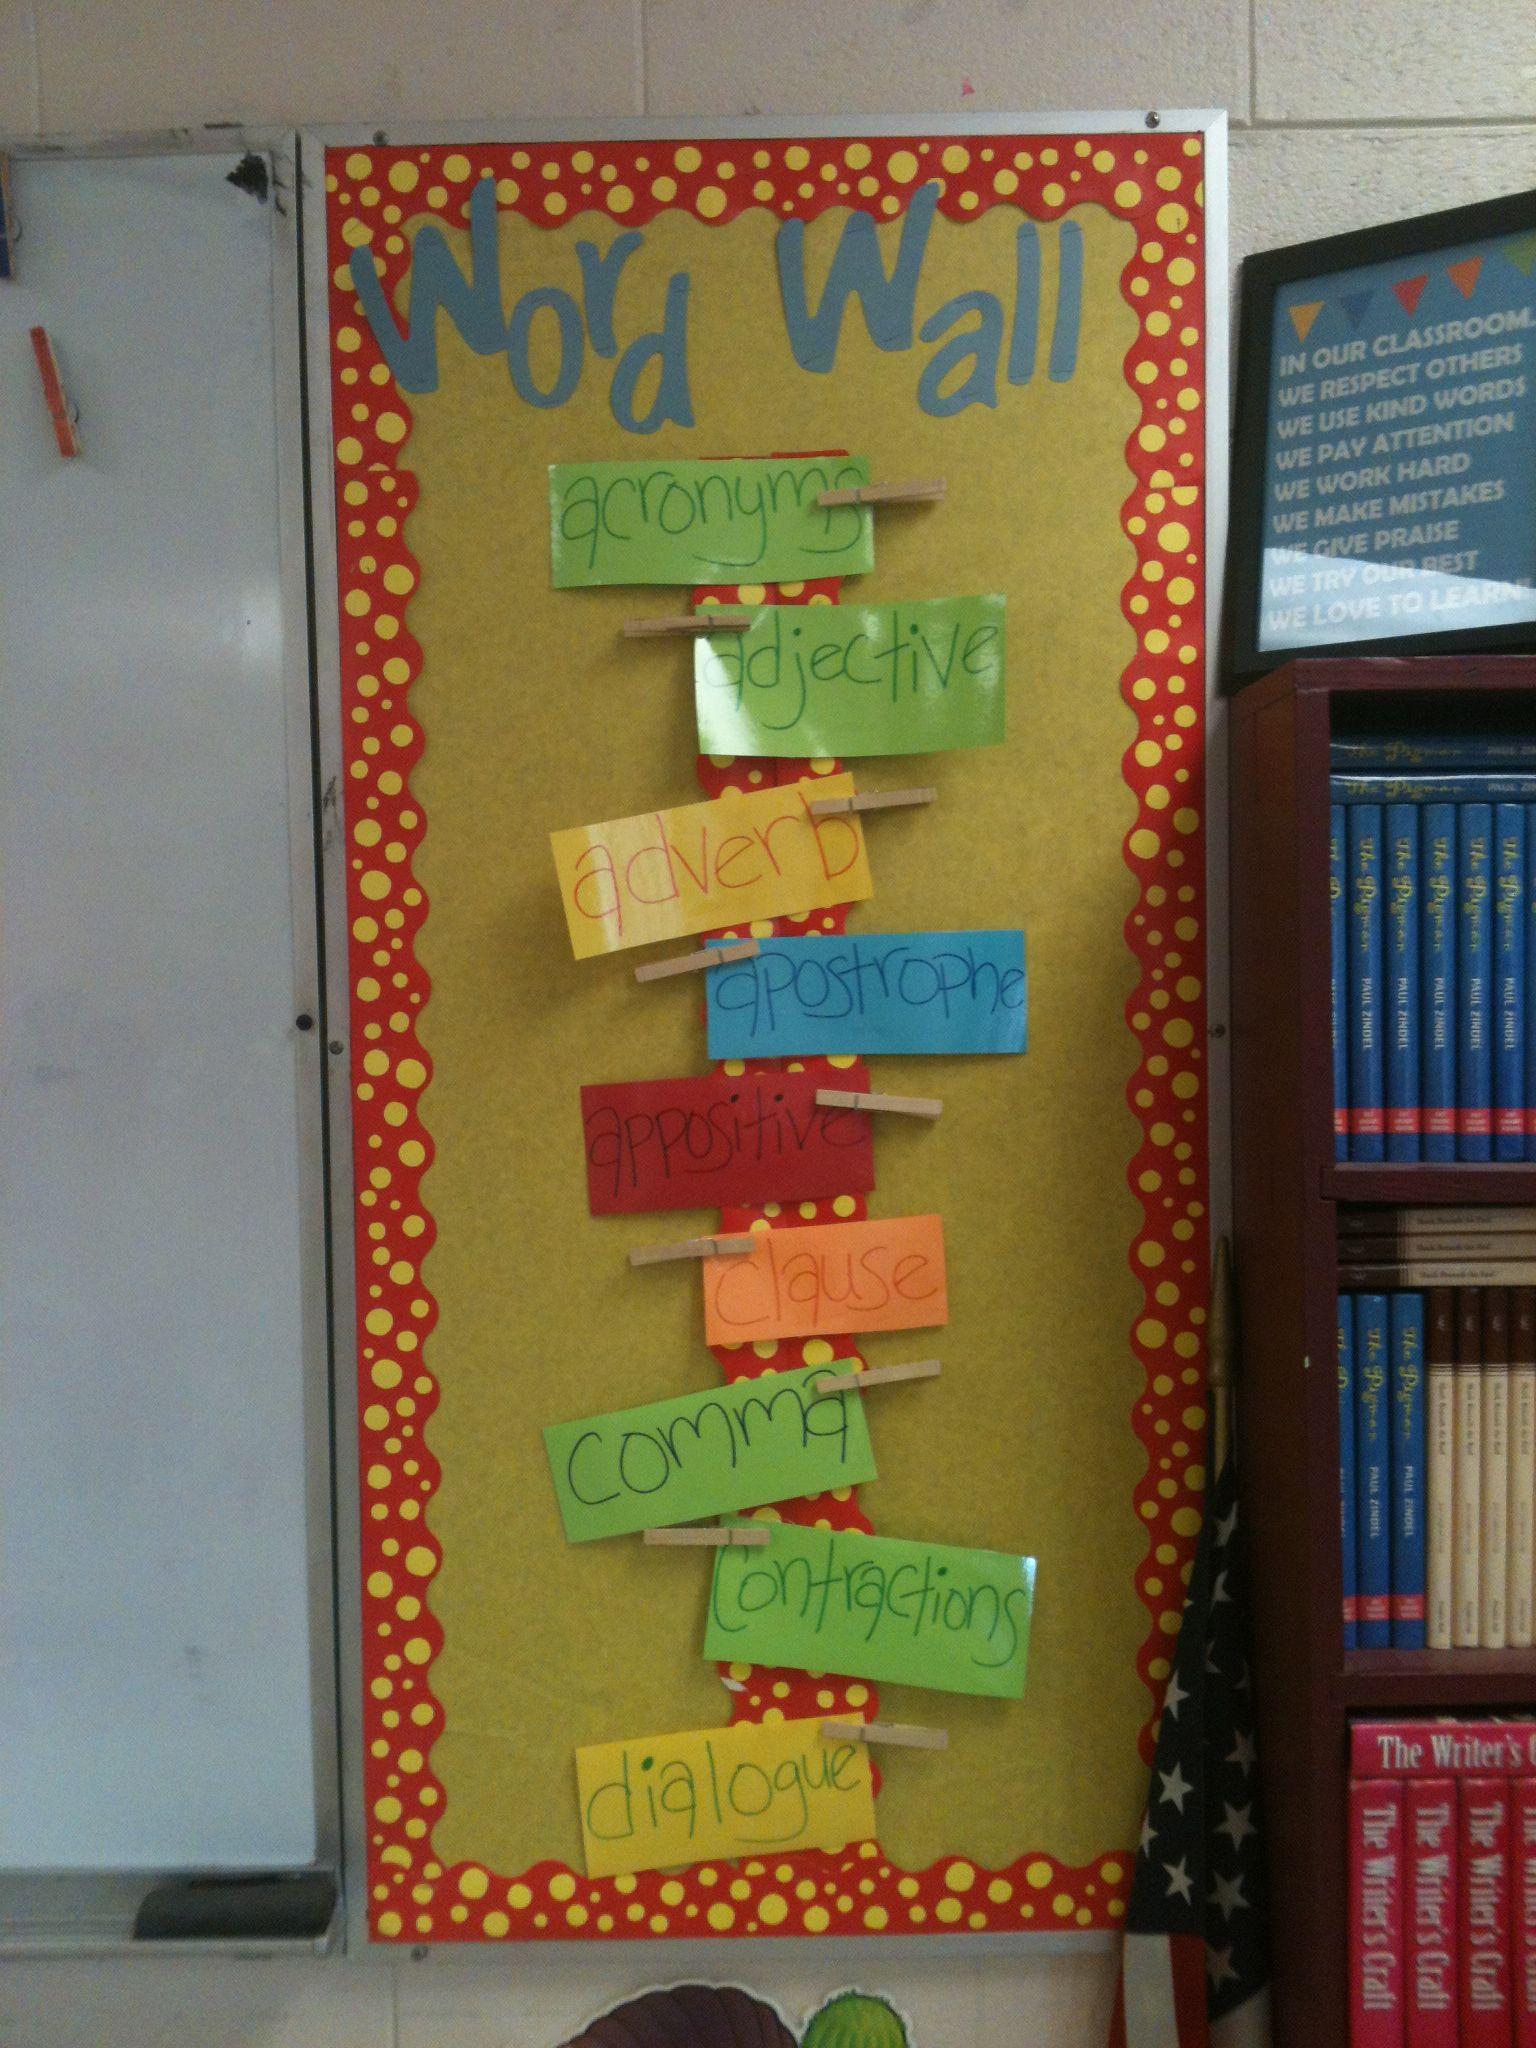 #WordWall #MiddleSchool #ela